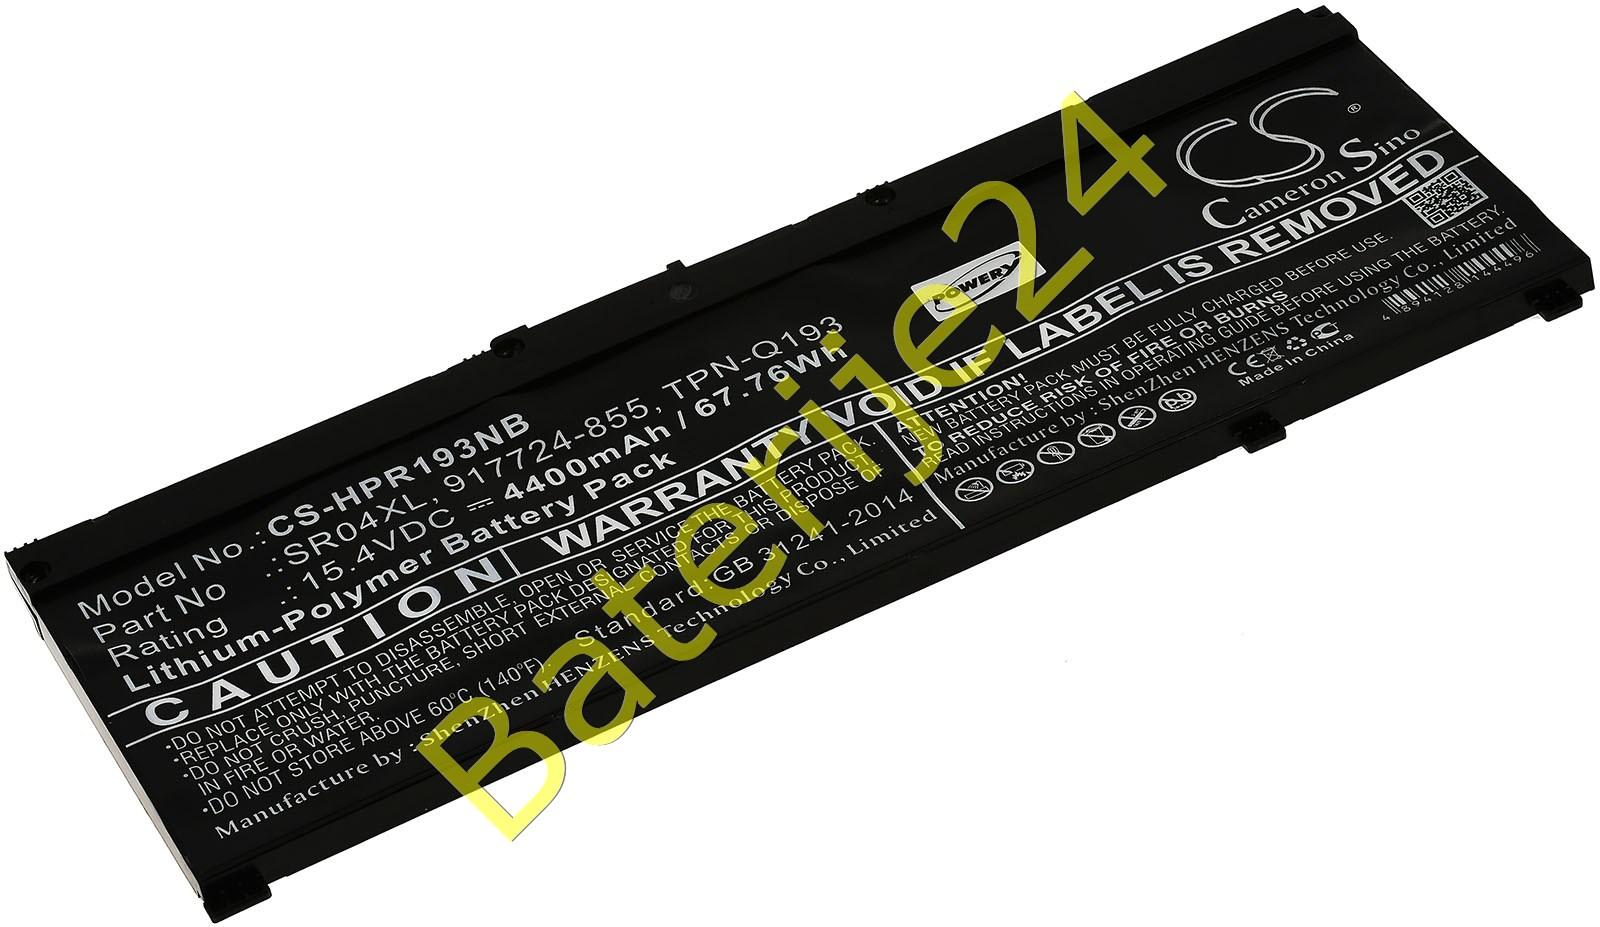 Baterija za Laptop HP Omen 15-ce000ng / 15-ce002ng / Typ SR04XL